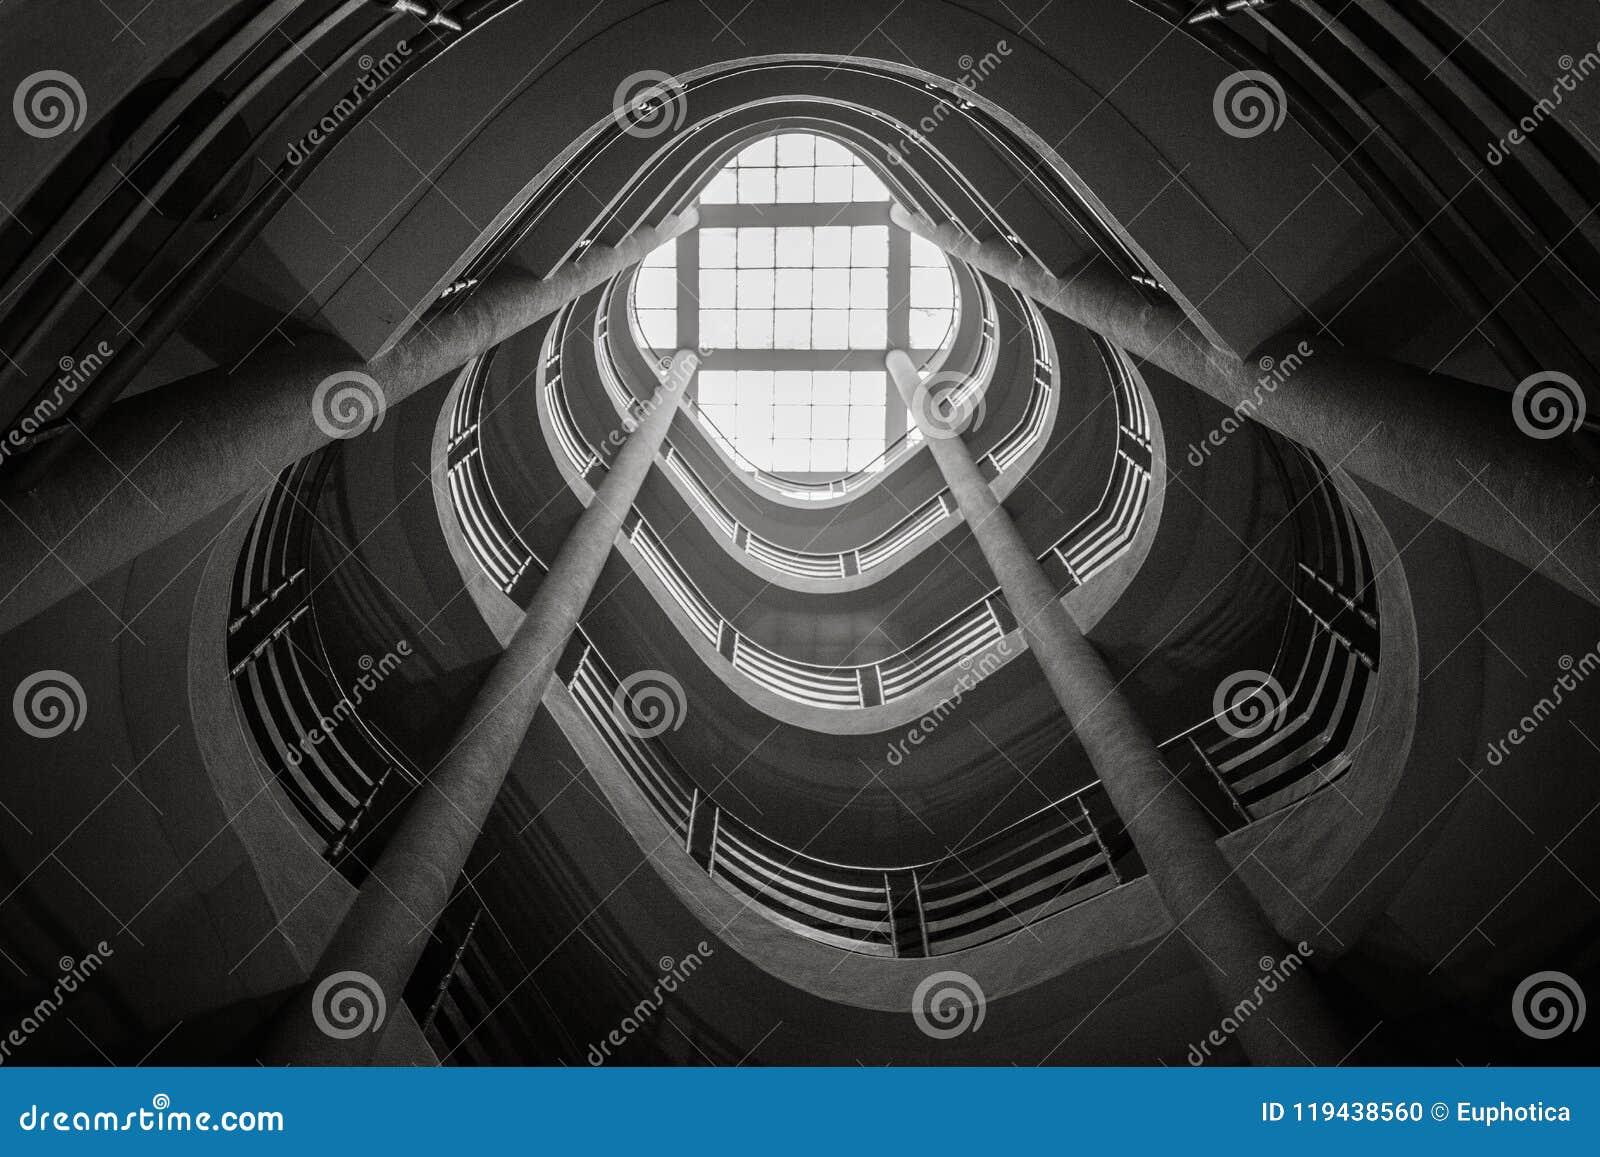 Wenteltrap stijgend beklimmen, zwart-wit